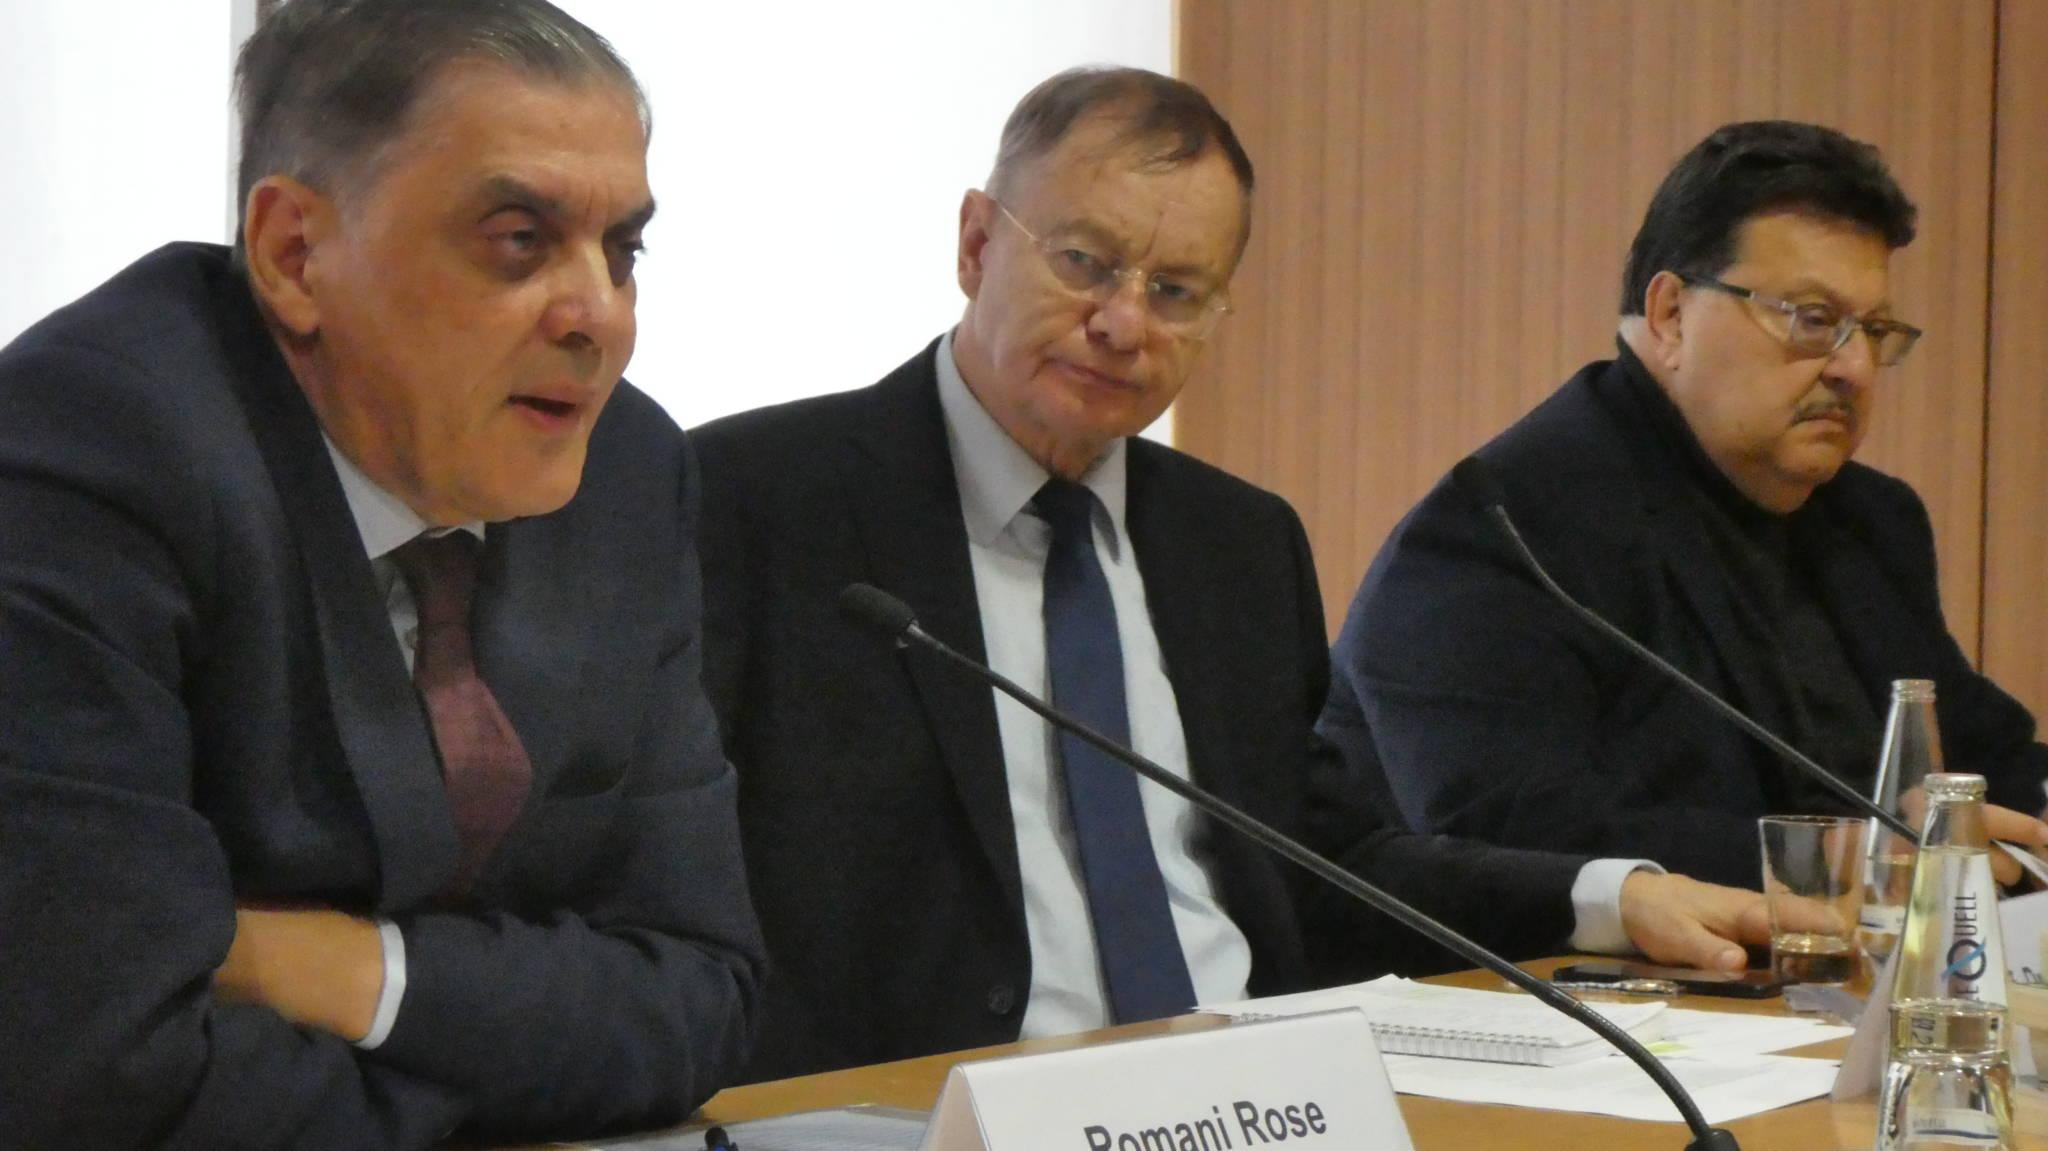 v.l. : Romani Rose, Professor Hajo Funke, Jacques Delfeld © Zentralrat Deutscher Sinti und Roma